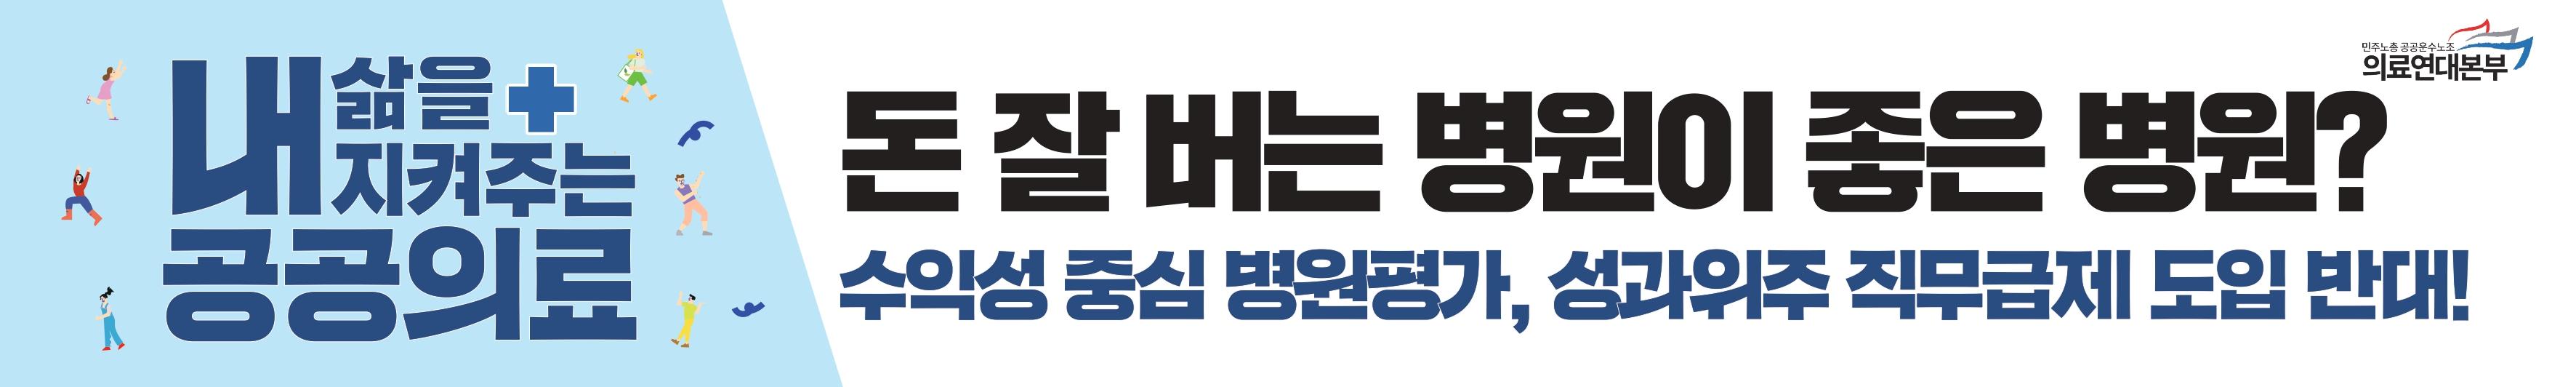 내삶공 플랑(경영평가, 직무급제).jpg